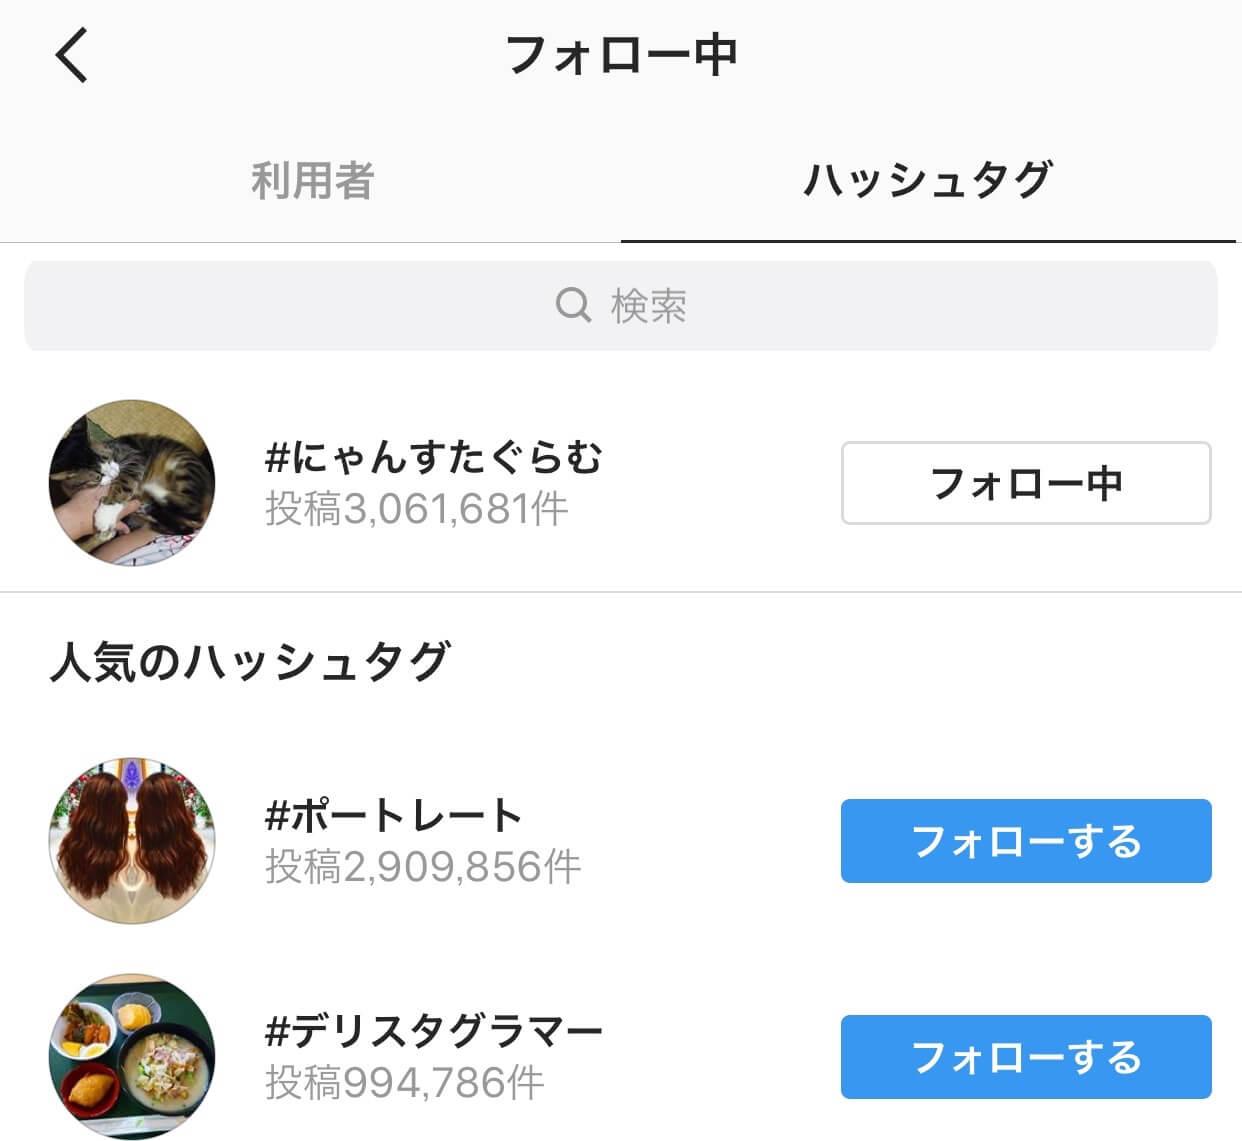 フォロー中(ハッシュタグ) - Instagram